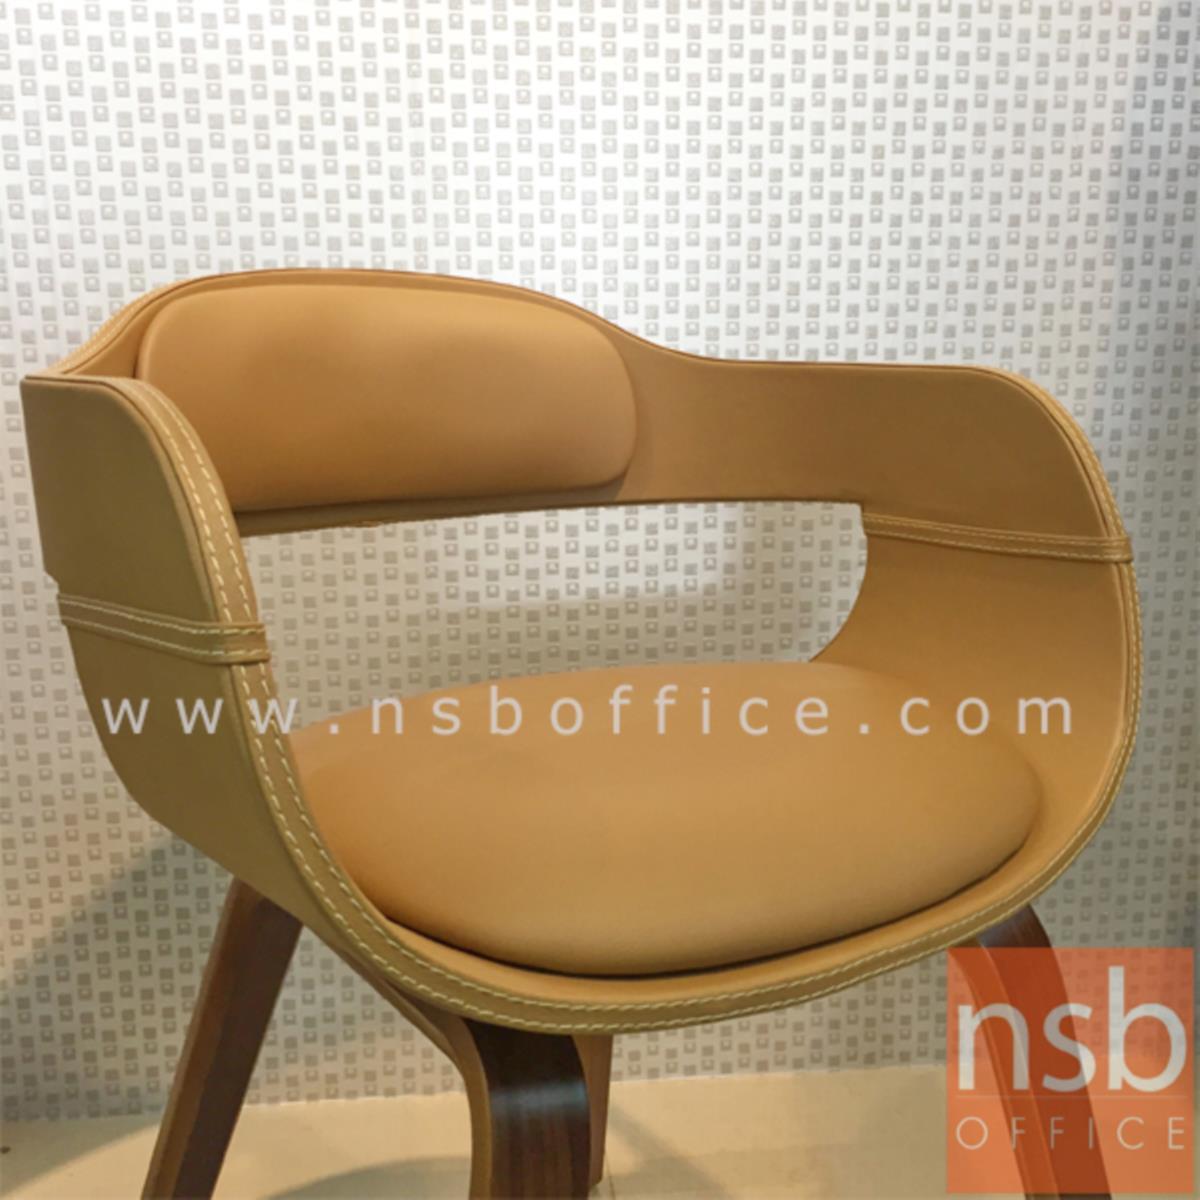 เก้าอี้โมเดิร์นหนังเทียม รุ่น Mandurah (แมนเจอรา) ขนาด 40W cm. โครงไม้ปิดผิววีเนียร์